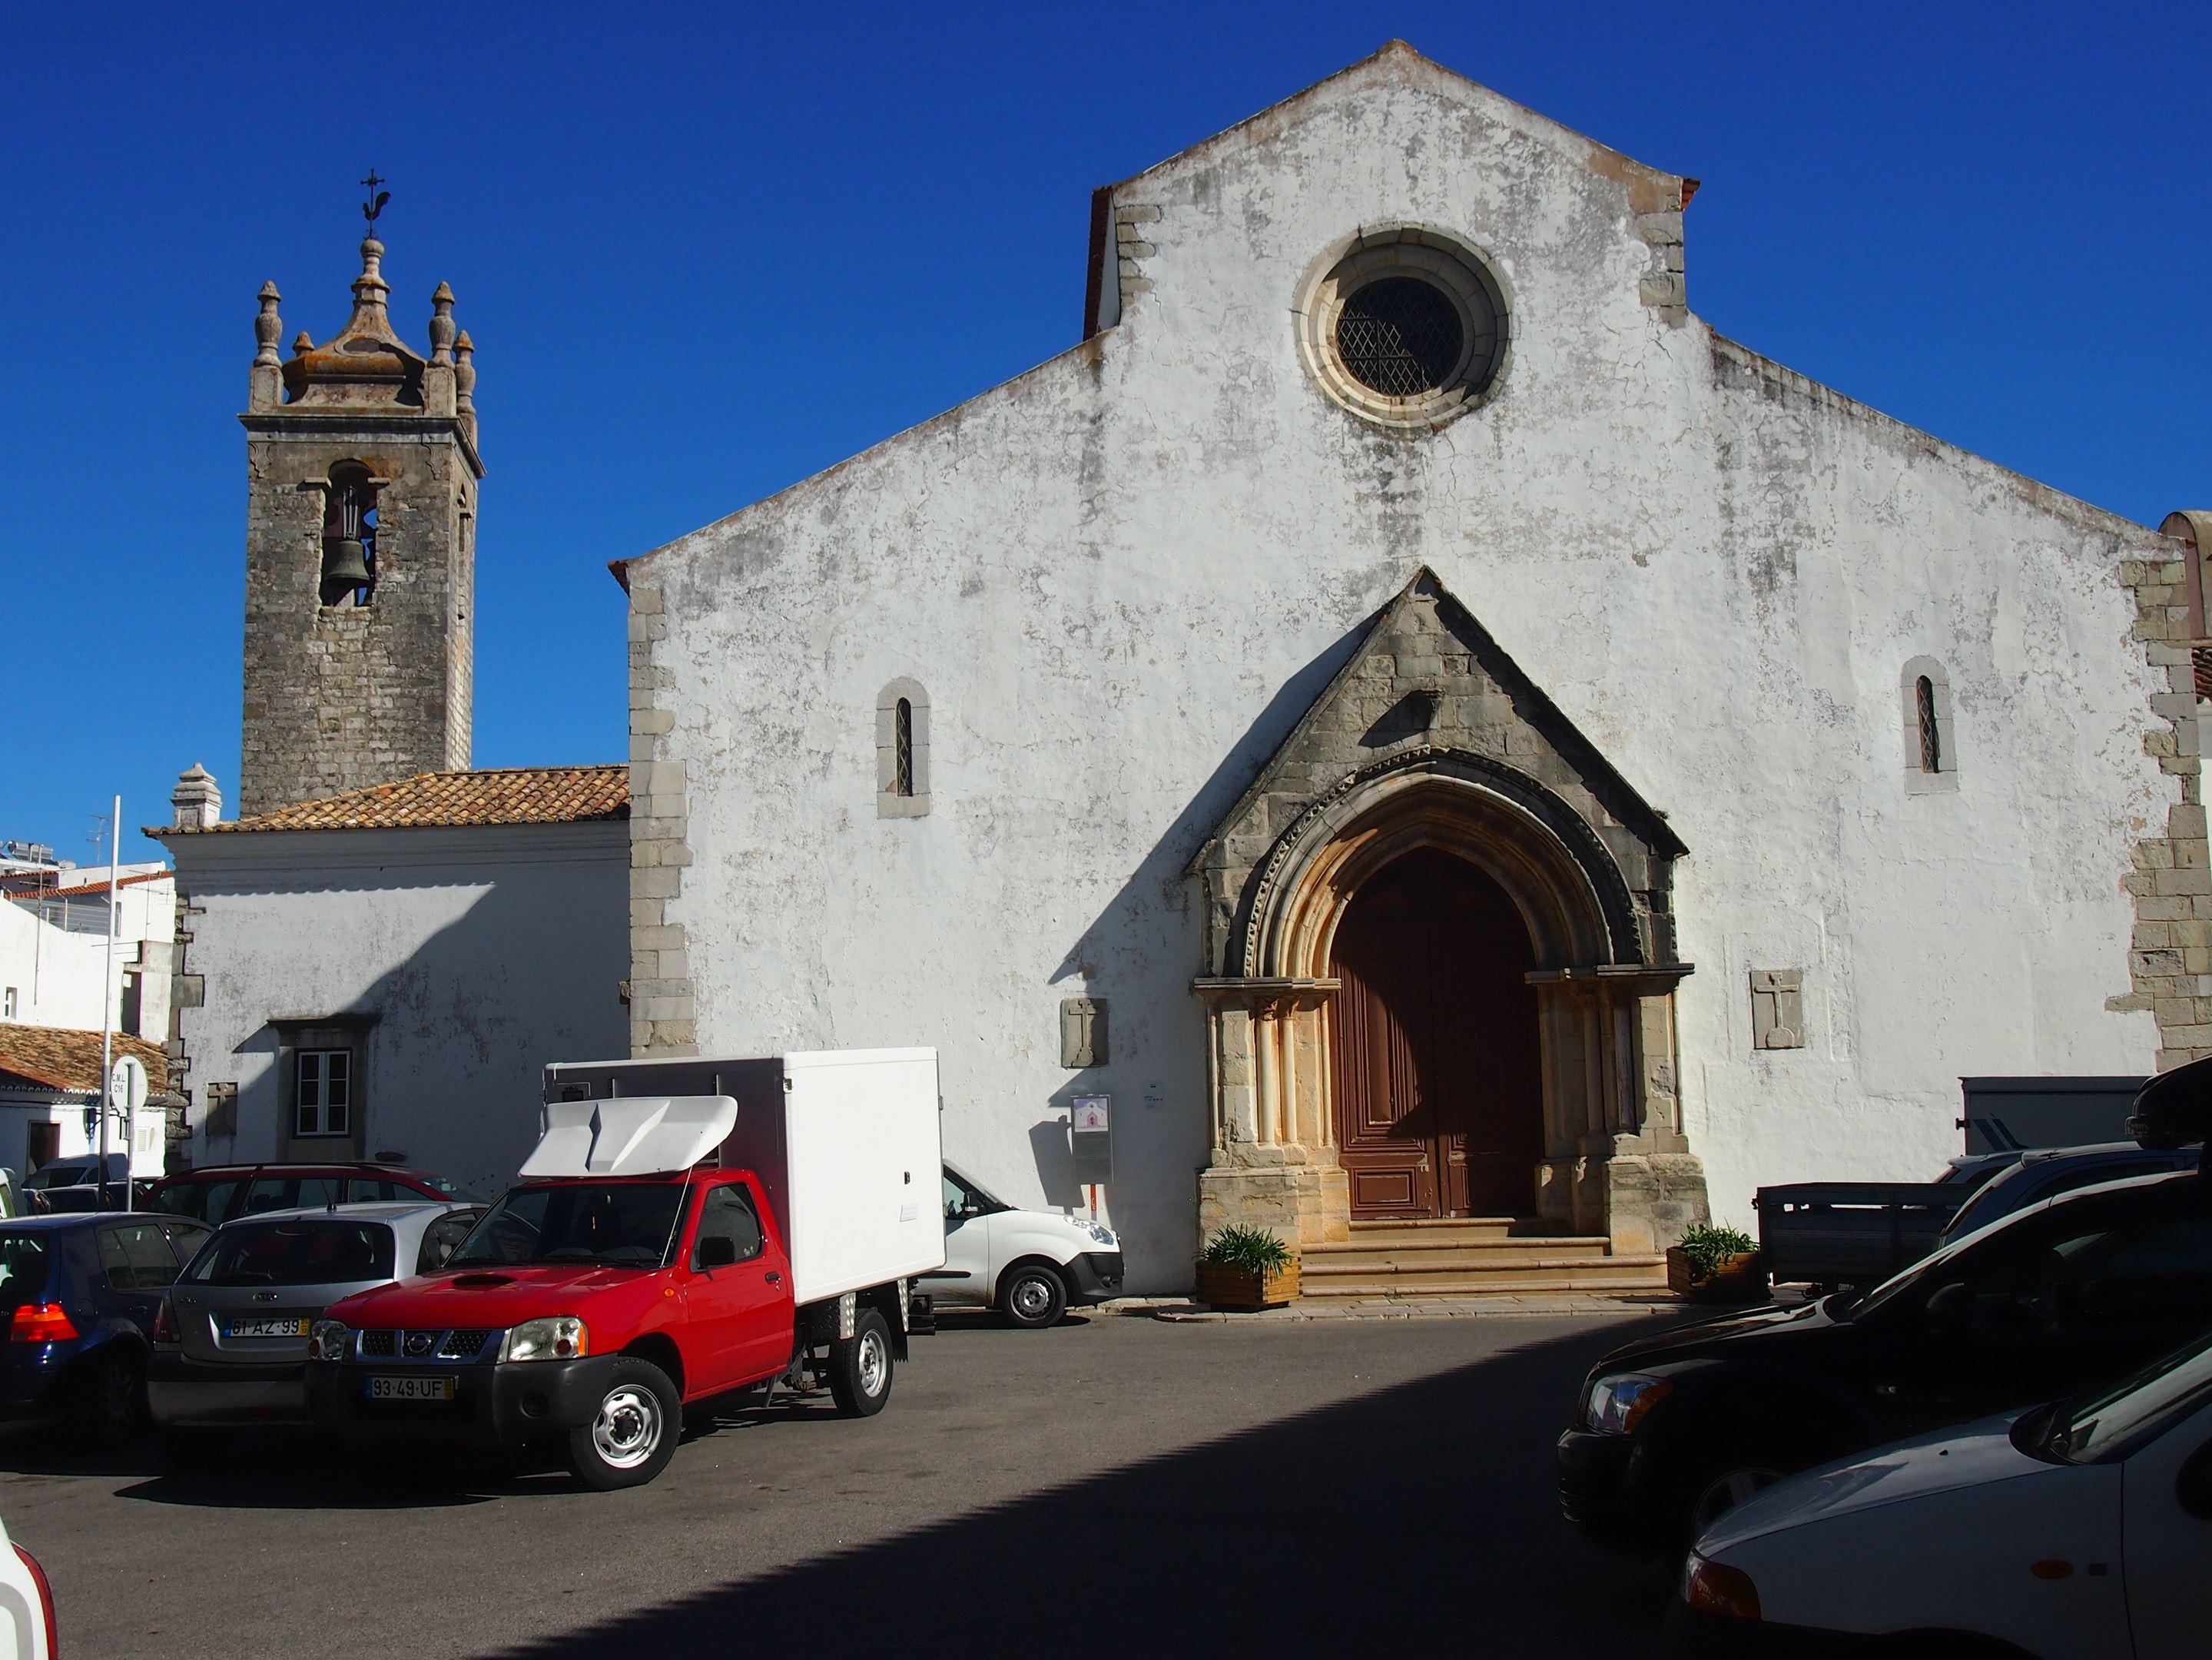 Igreja (église) de São Clemente, Loulé